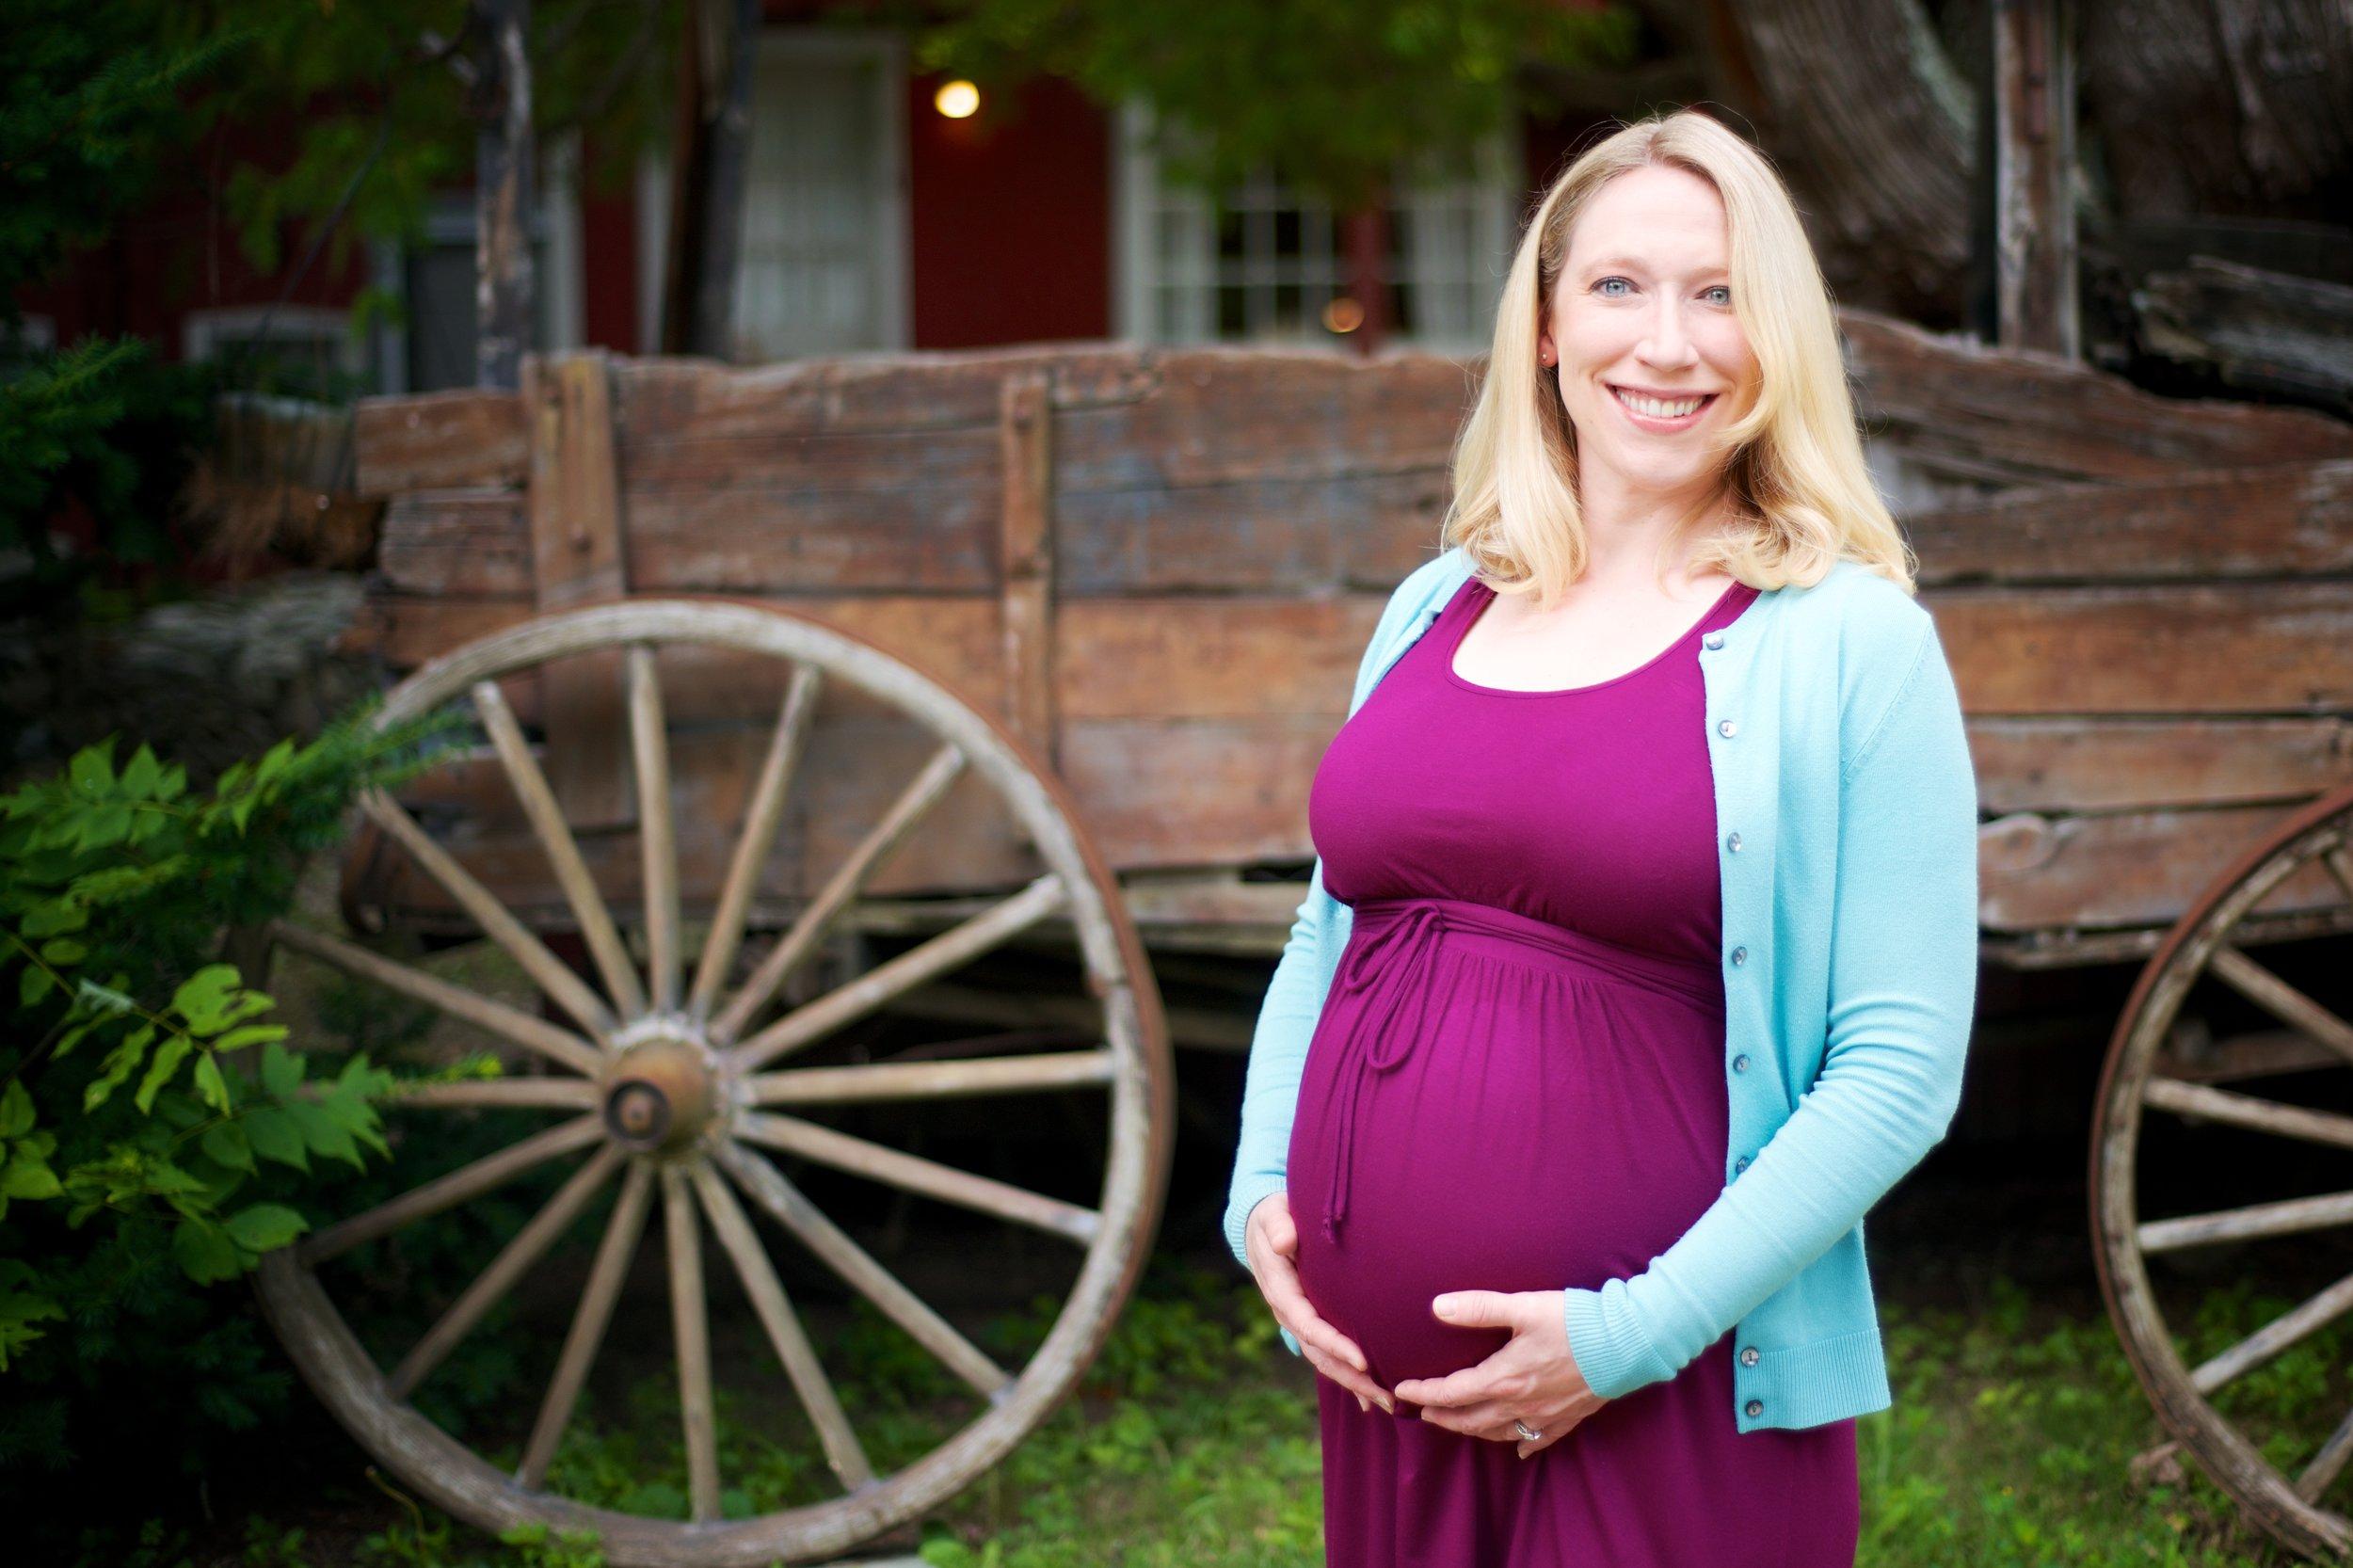 07_27_2014_Hillary_Maternity_Photos_15.jpg